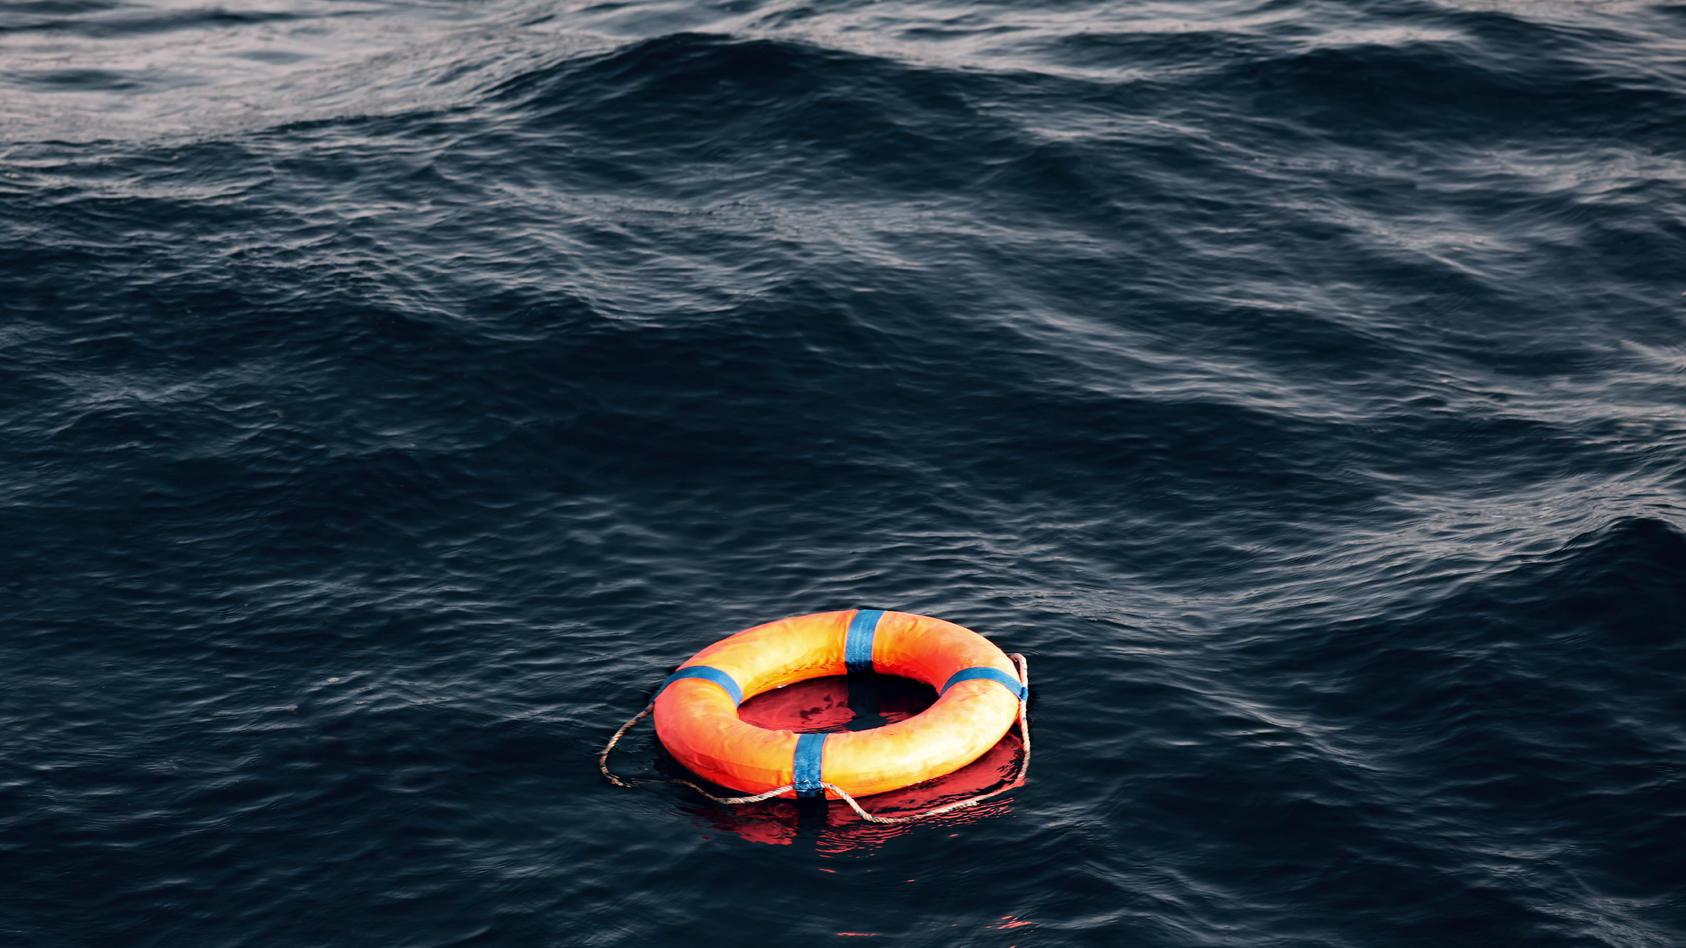 22-menschen-konnten-gerettet-werden-eine-person-wird-noch-vermisst-archivbild